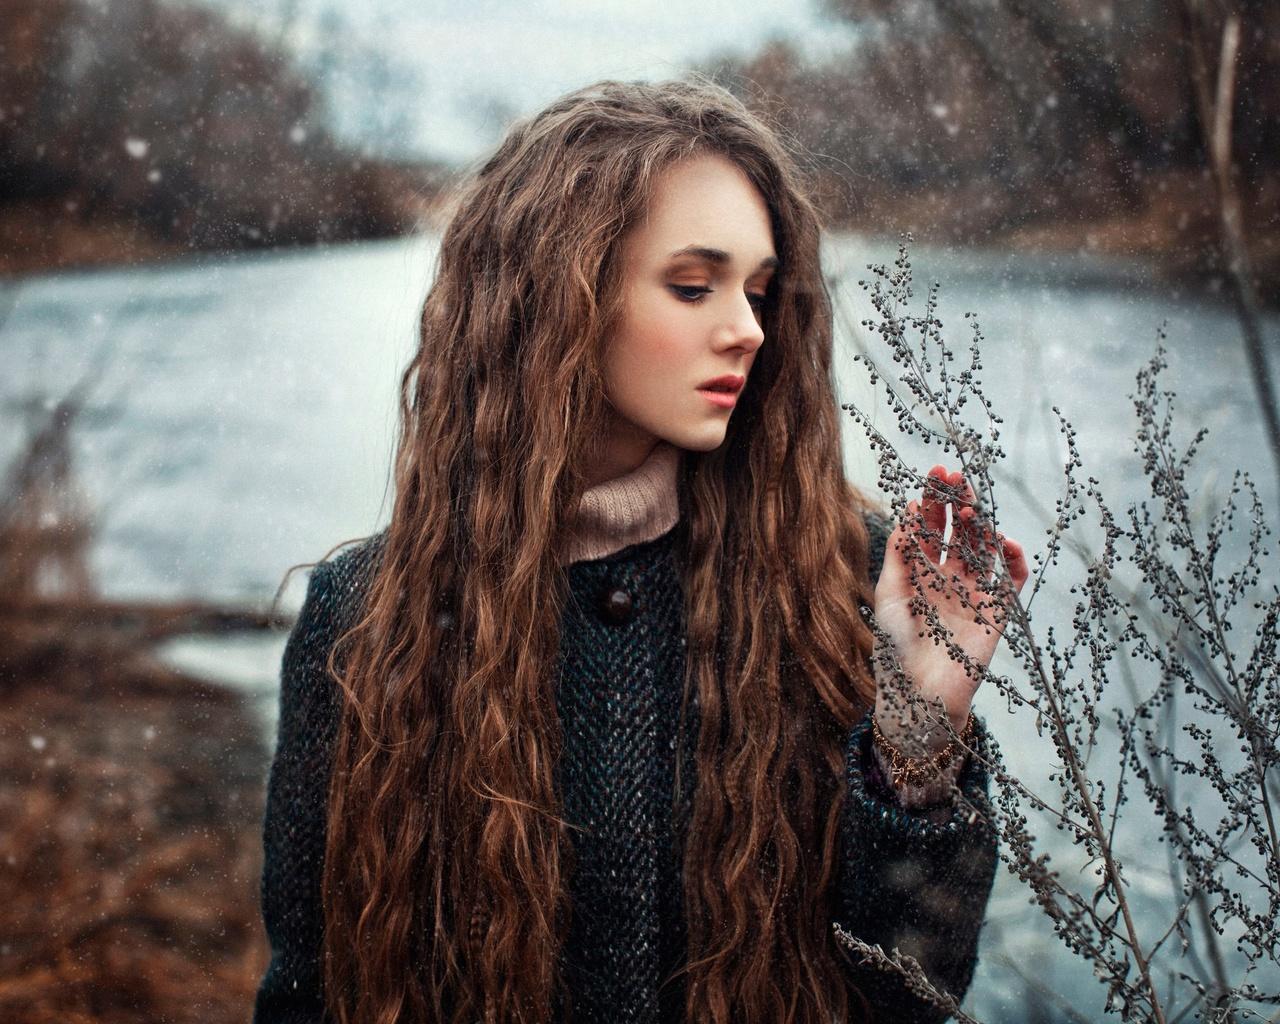 девушка, длинные волосы, на природе, речка, зима, фотограф, наталья меньтюгова